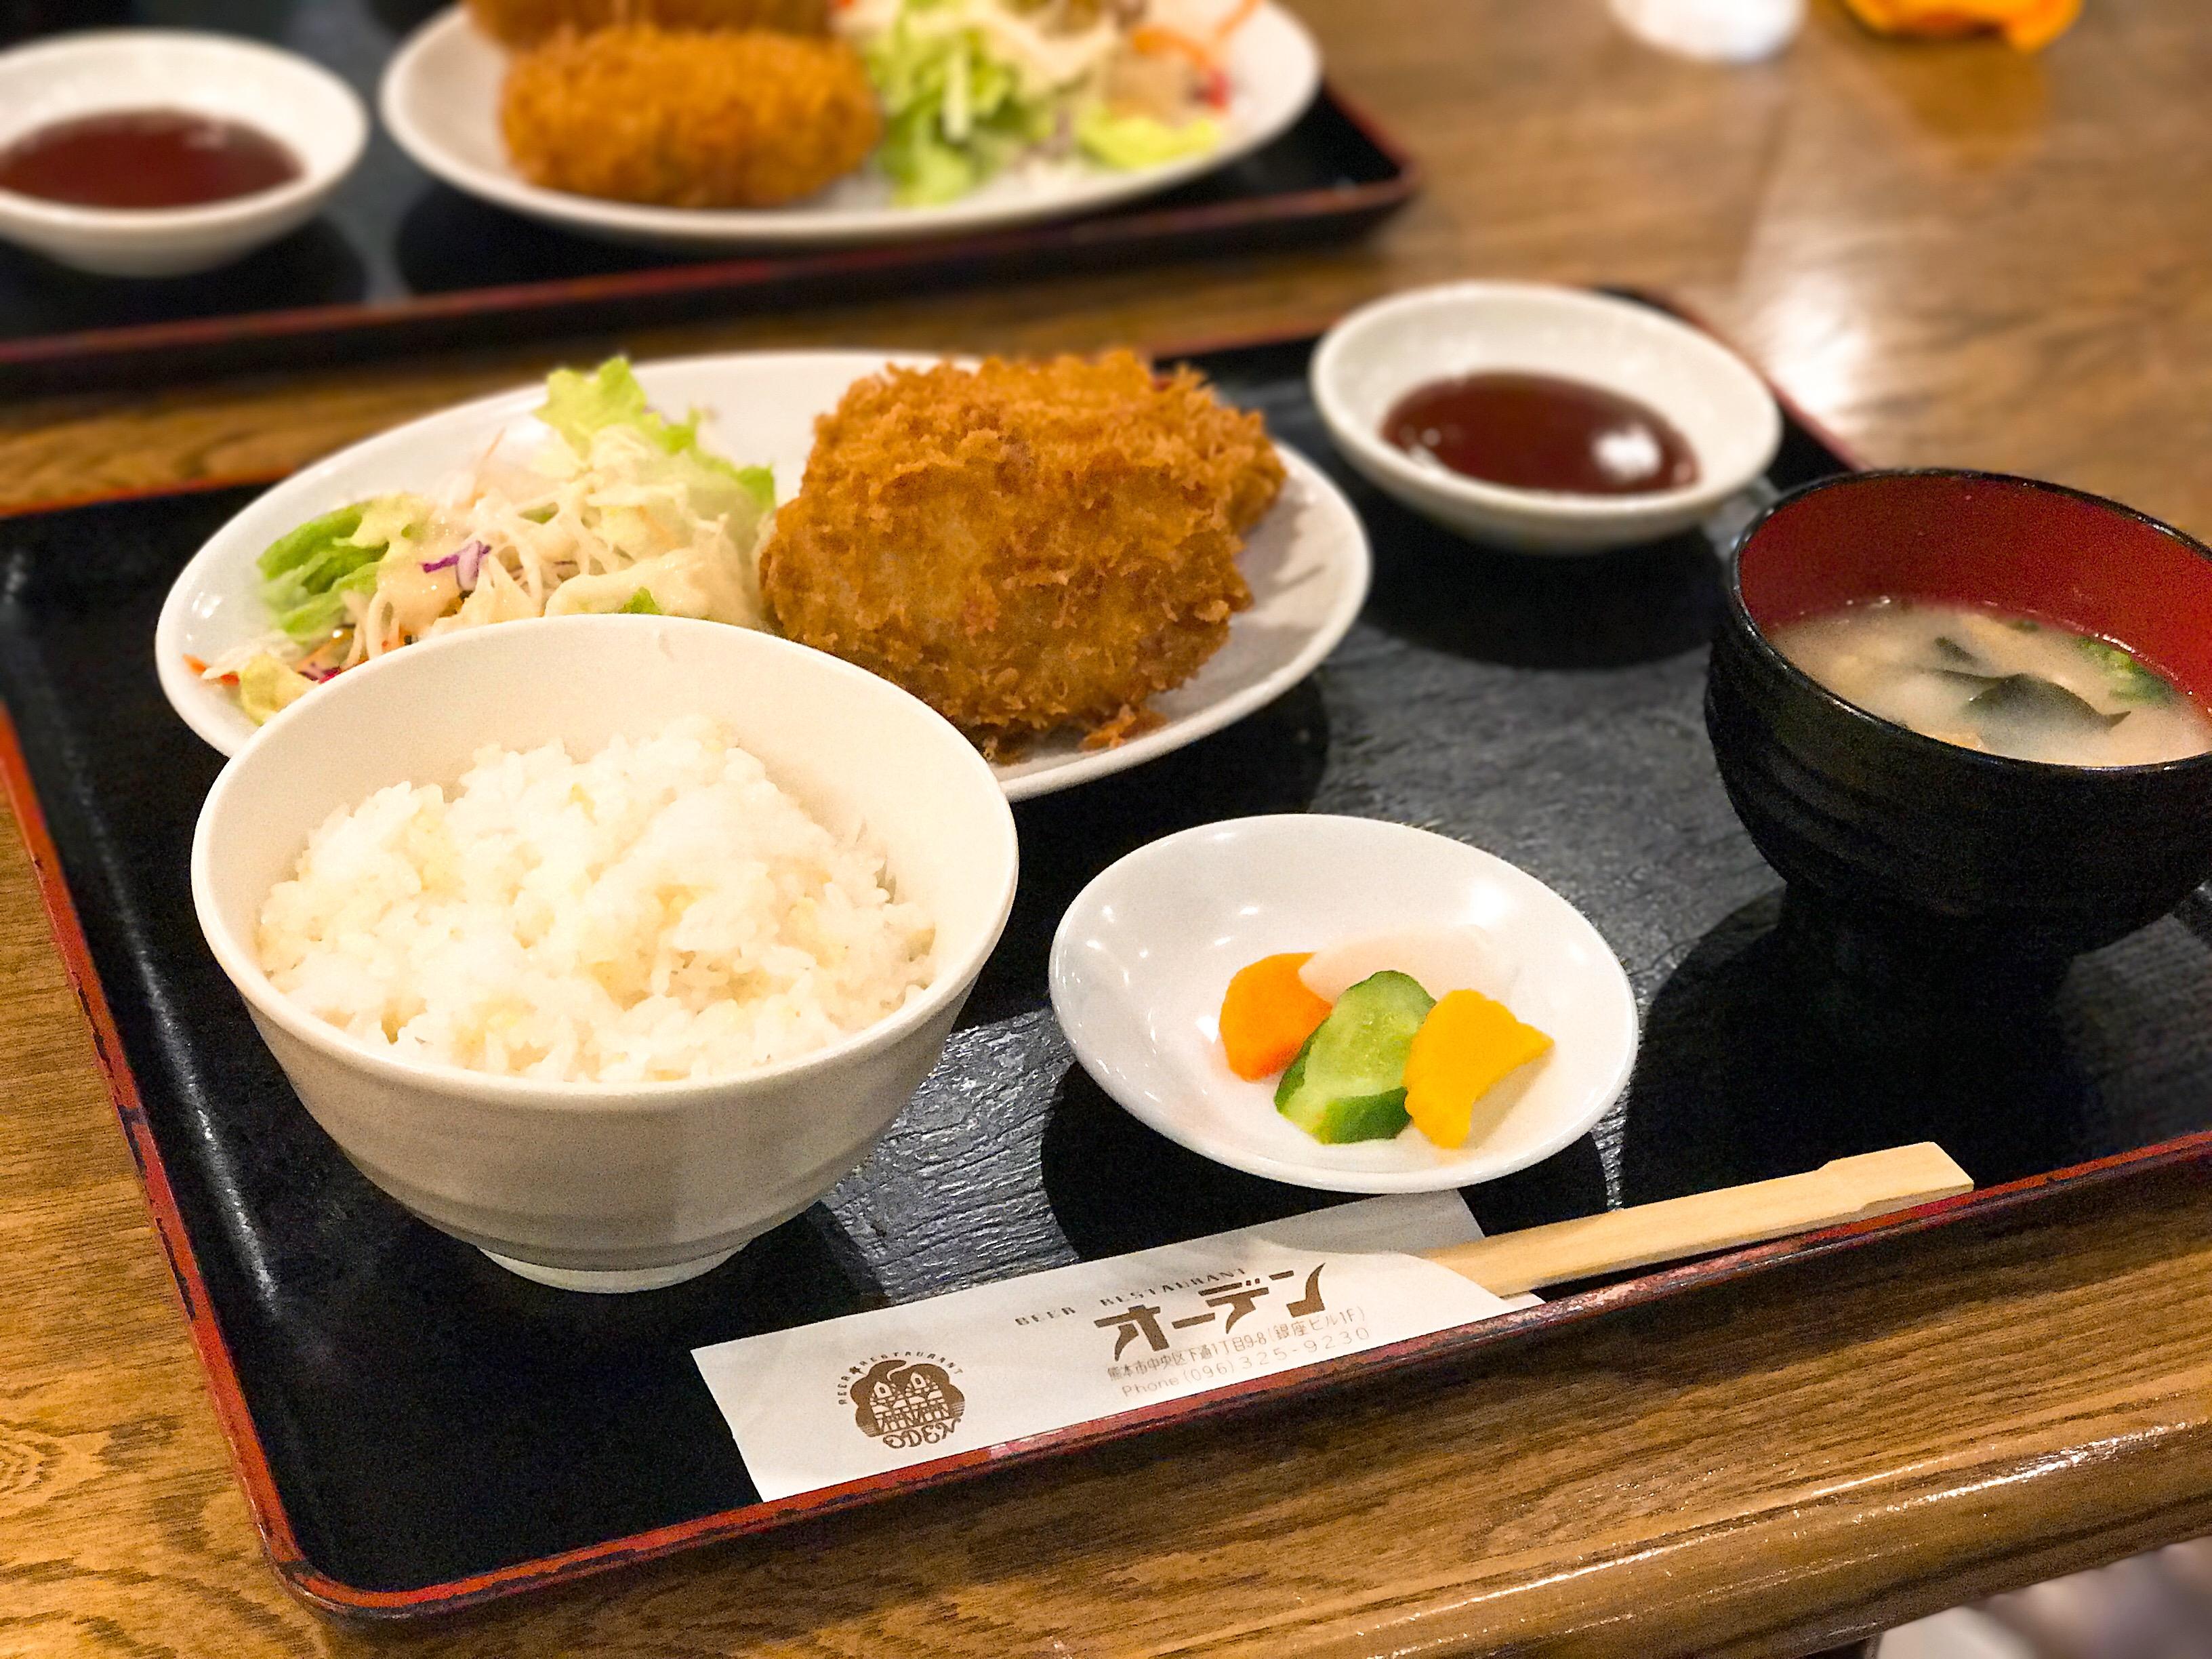 【オーデン】熊本でランチした!ビアレストランで楽しむ@メニュー